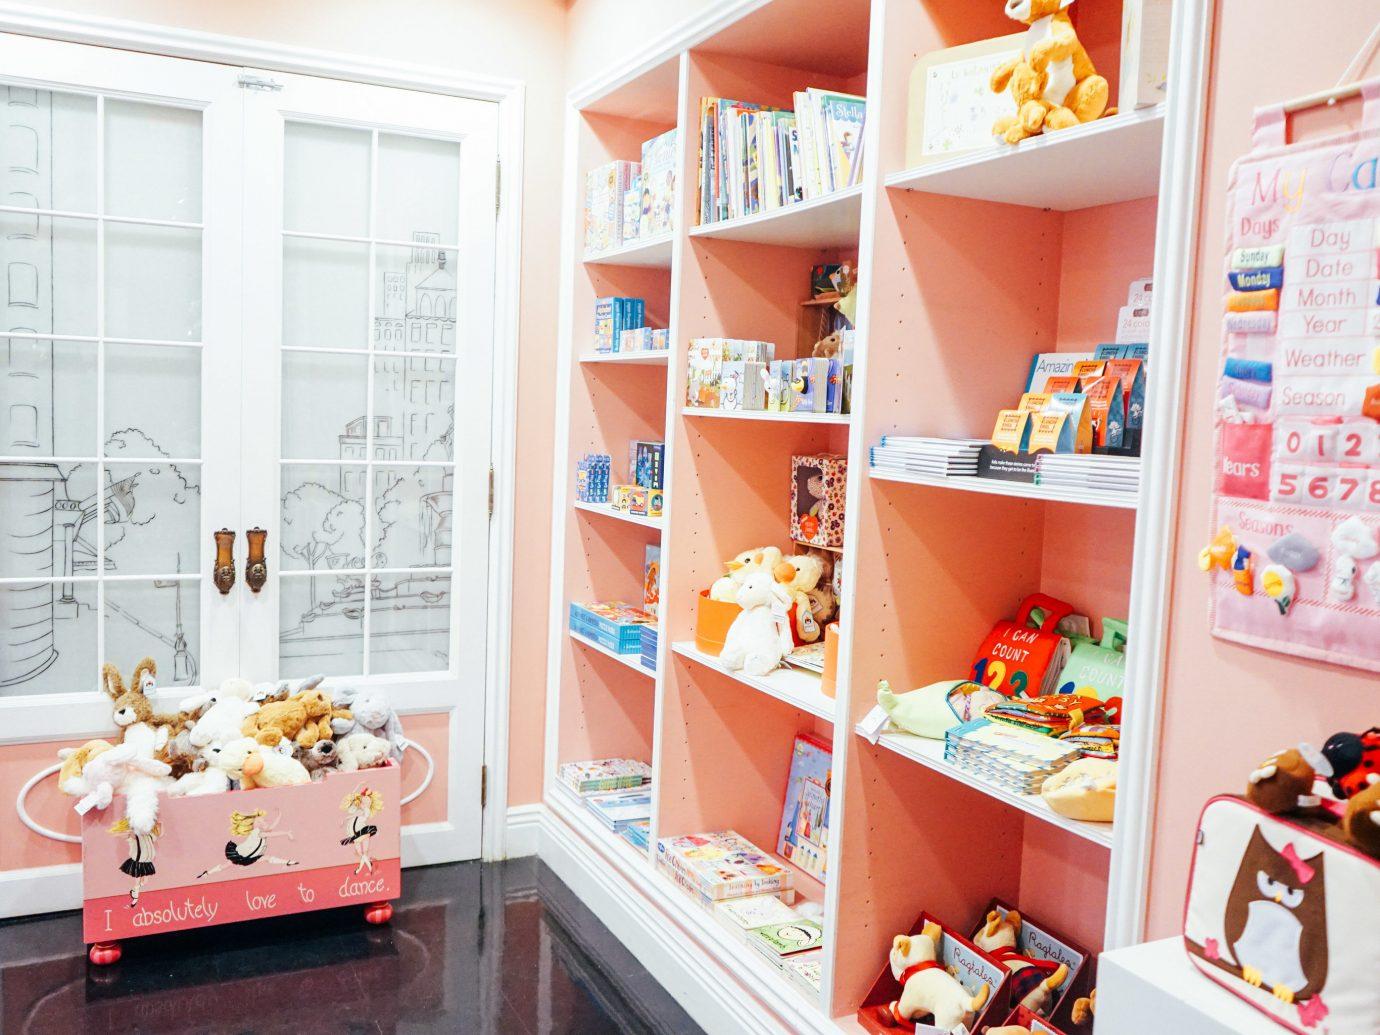 Hotels room indoor shelf toy interior design several